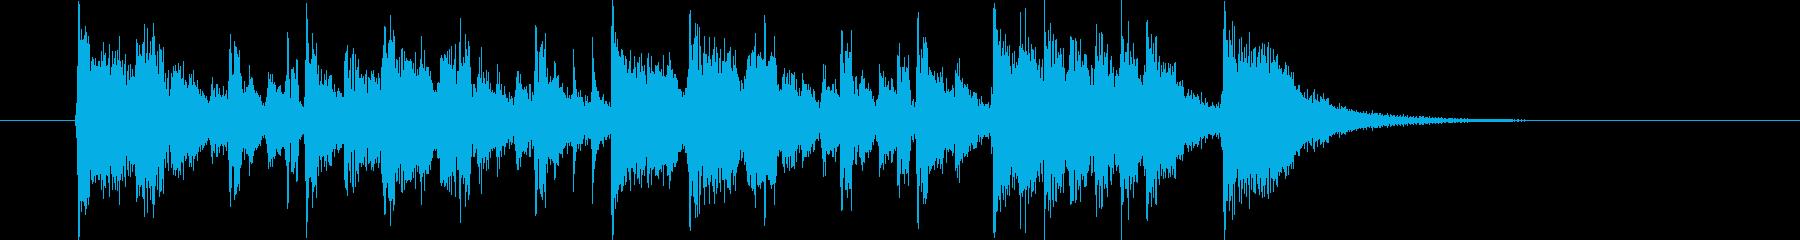 疾走感と爽やかさのシンセサウンド短めの再生済みの波形